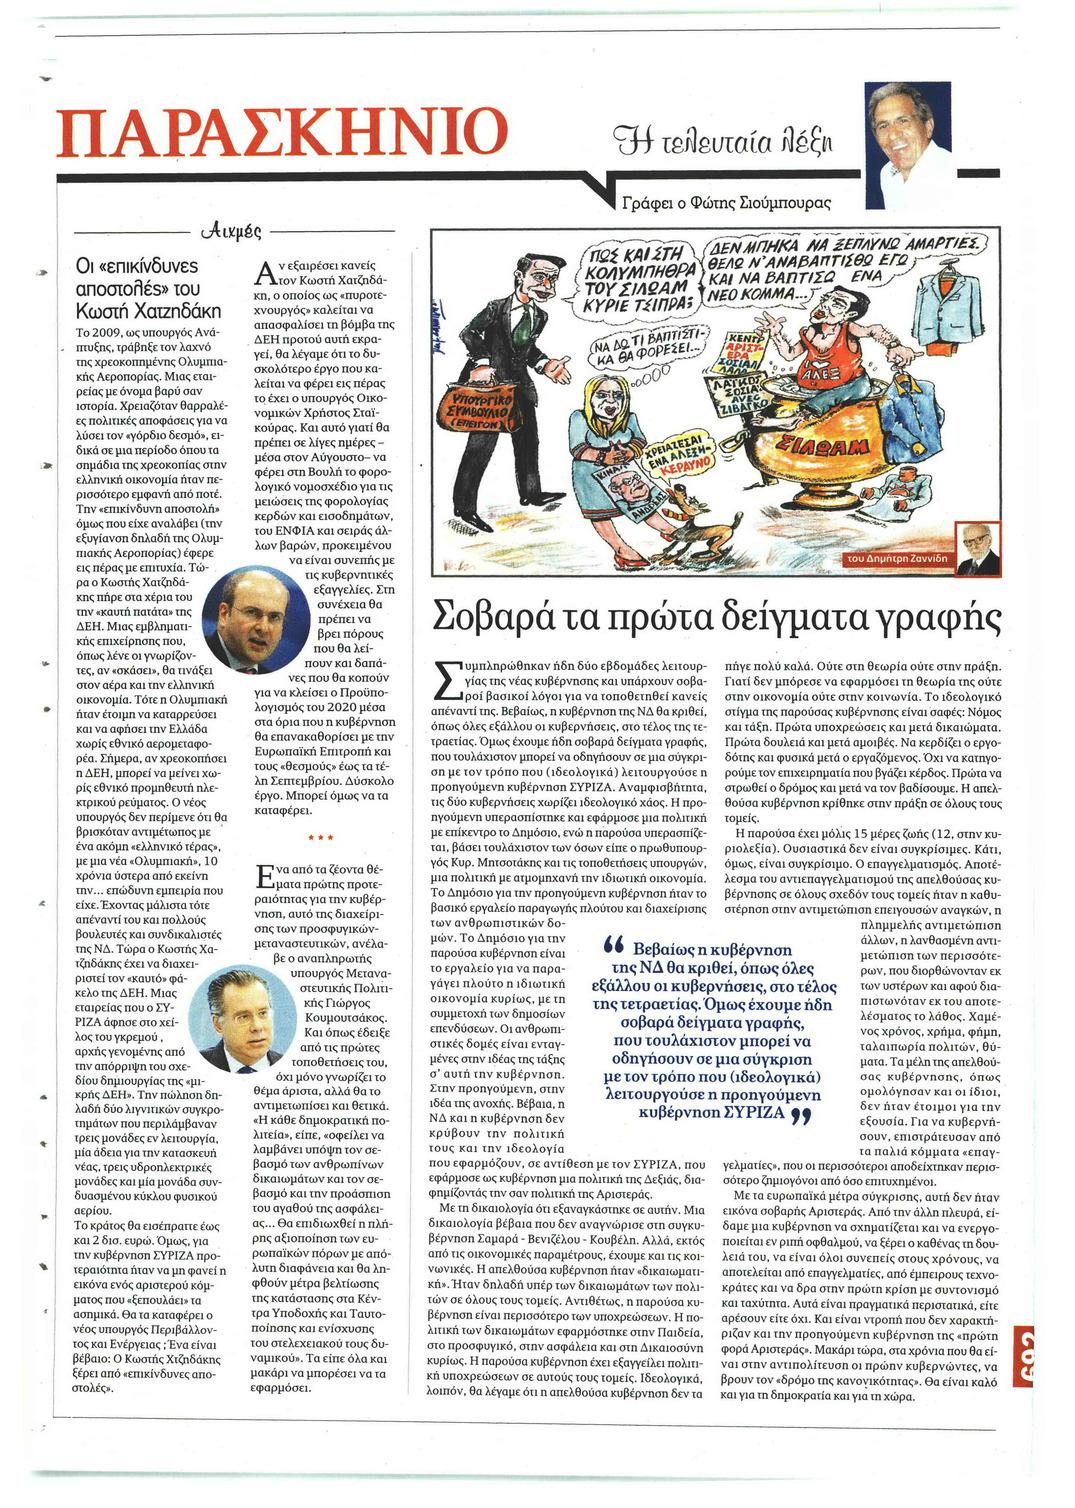 Οπισθόφυλλο εφημερίδας Παρασκήνιο